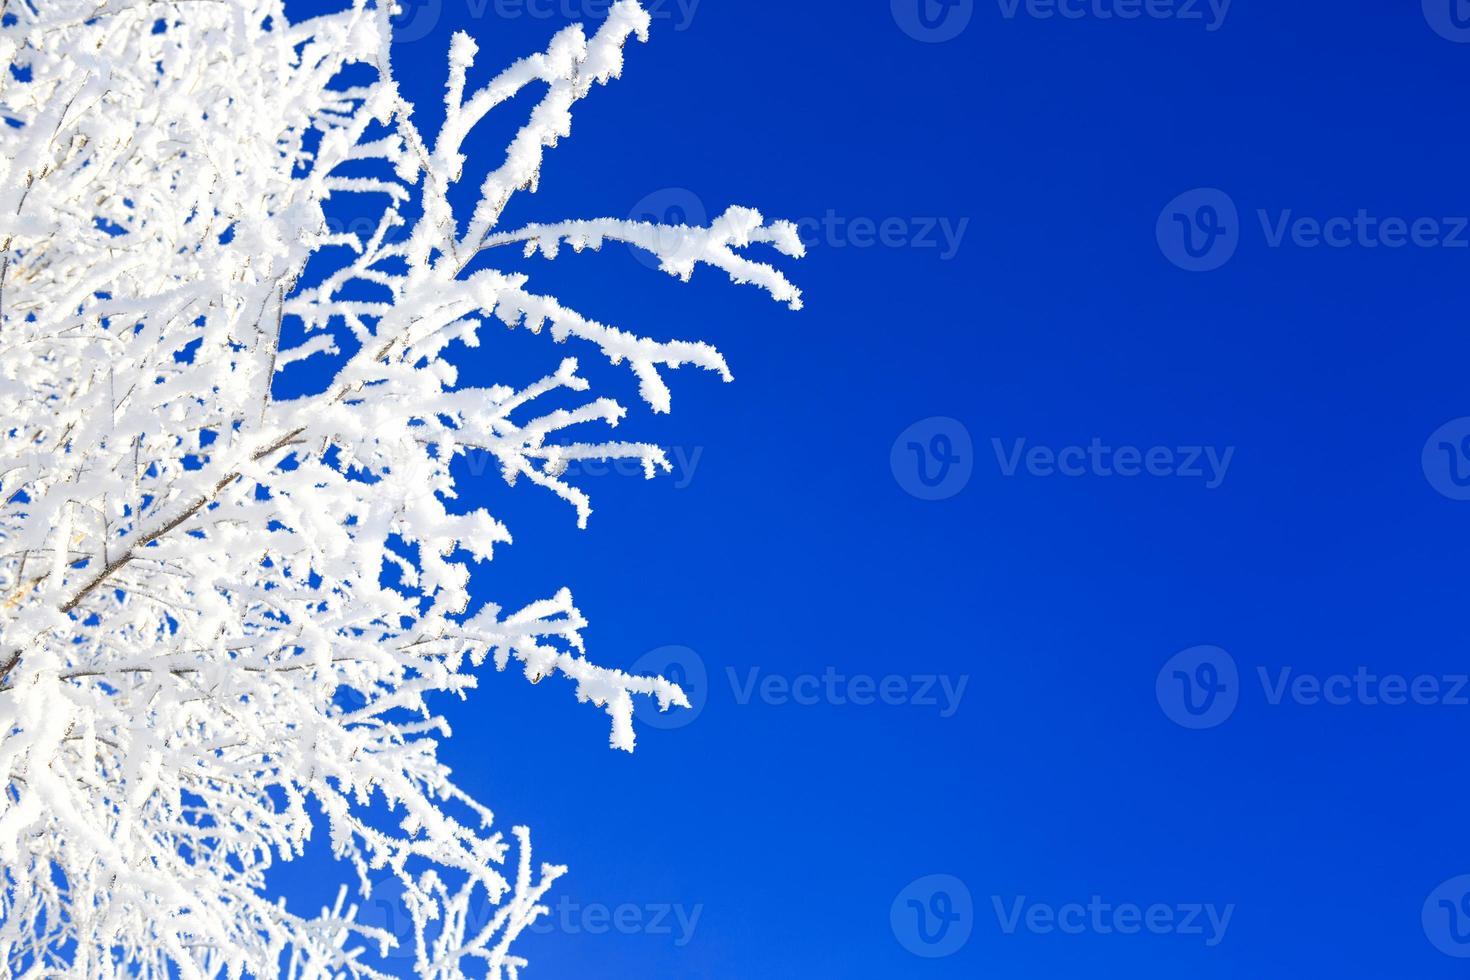 Winterbäume auf blauem Himmel foto